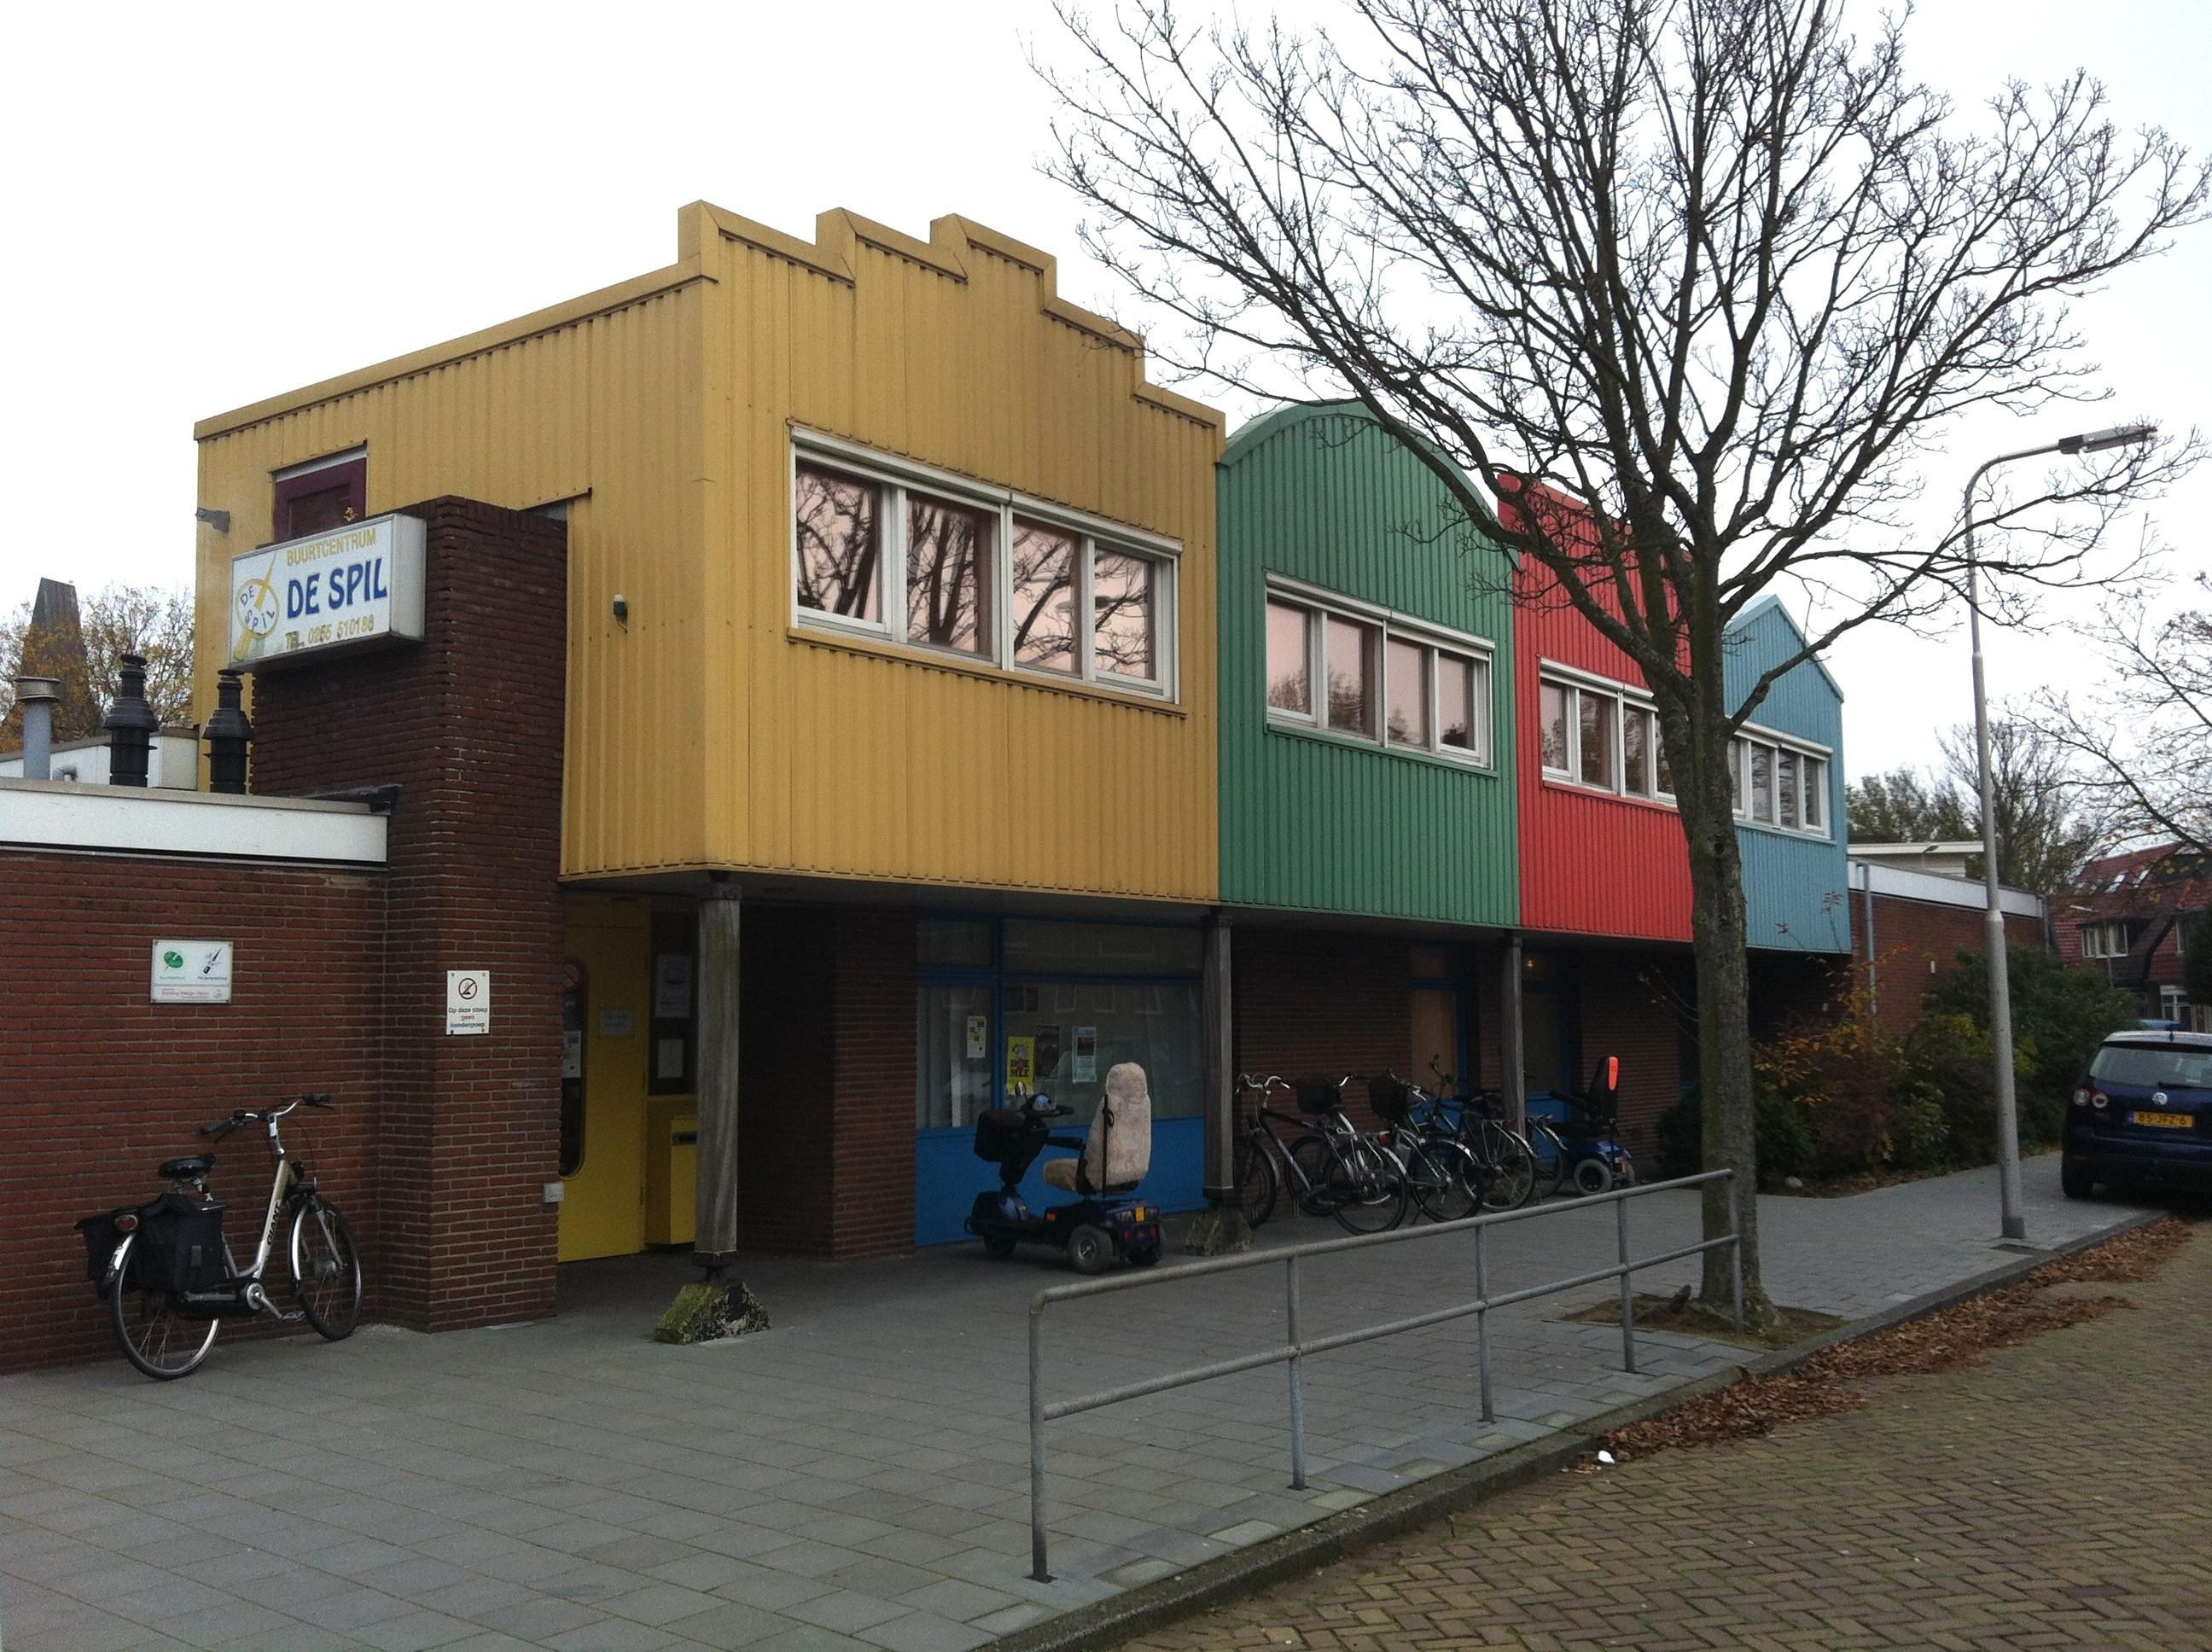 Buurthuis De Spil in IJmuiden dicht, cultuurwarenhuis in de oude V&D IJmuiden, stevig opwaarderen bibliotheek in Velserbroek: bezem door 'maatschappelijk vastgoed' van Velsen